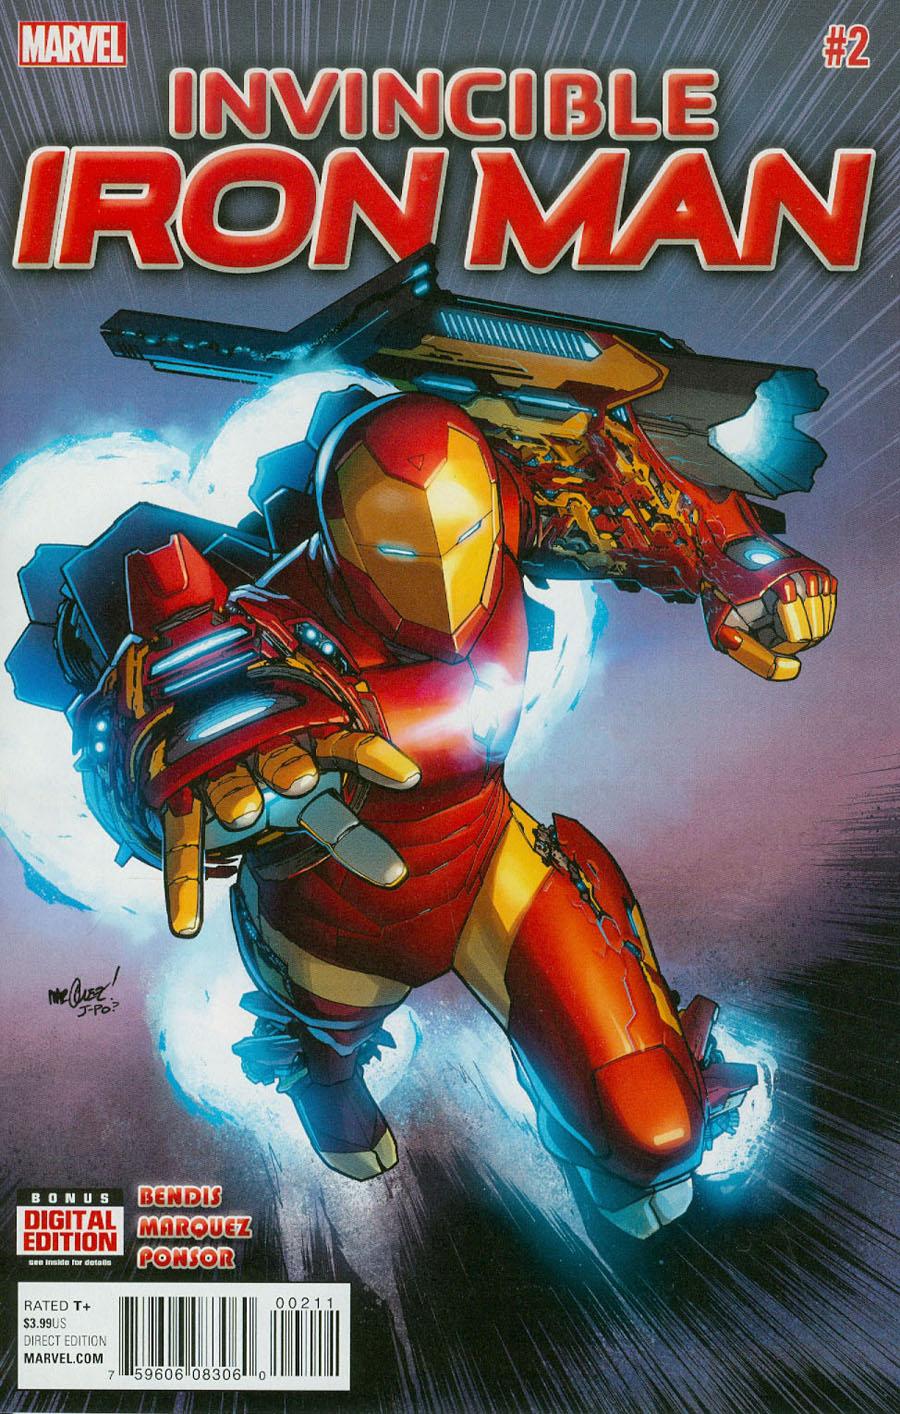 Invincible Iron Man Vol 2 #2 Cover A Regular David Marquez Cover